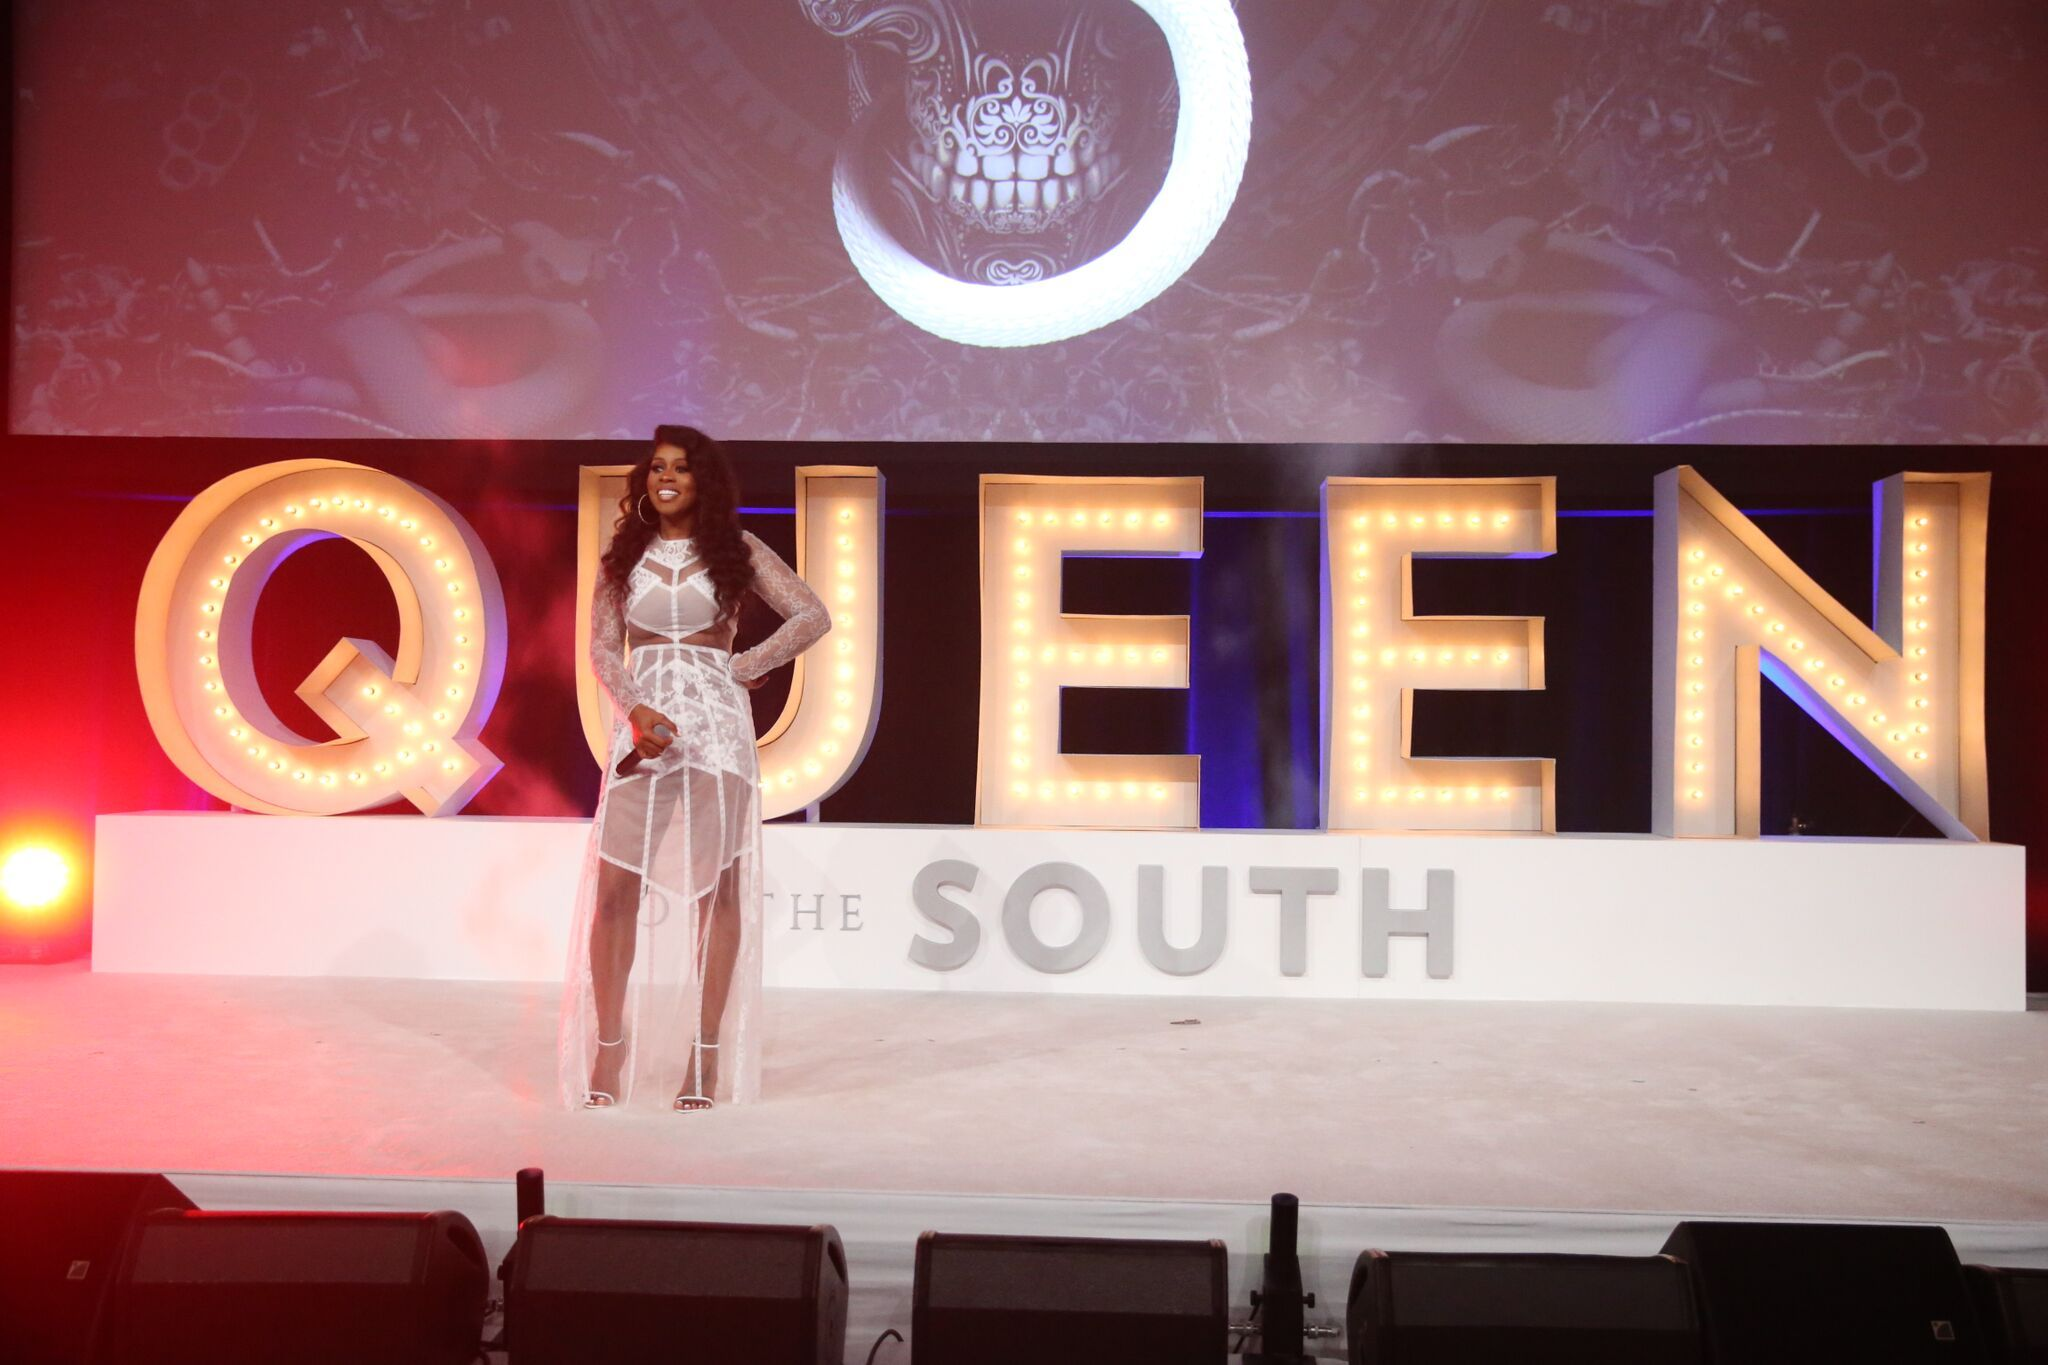 רמי מא חוגג את תפקיד מלכת הדרום בארה'ב בהופעה הוליוודית